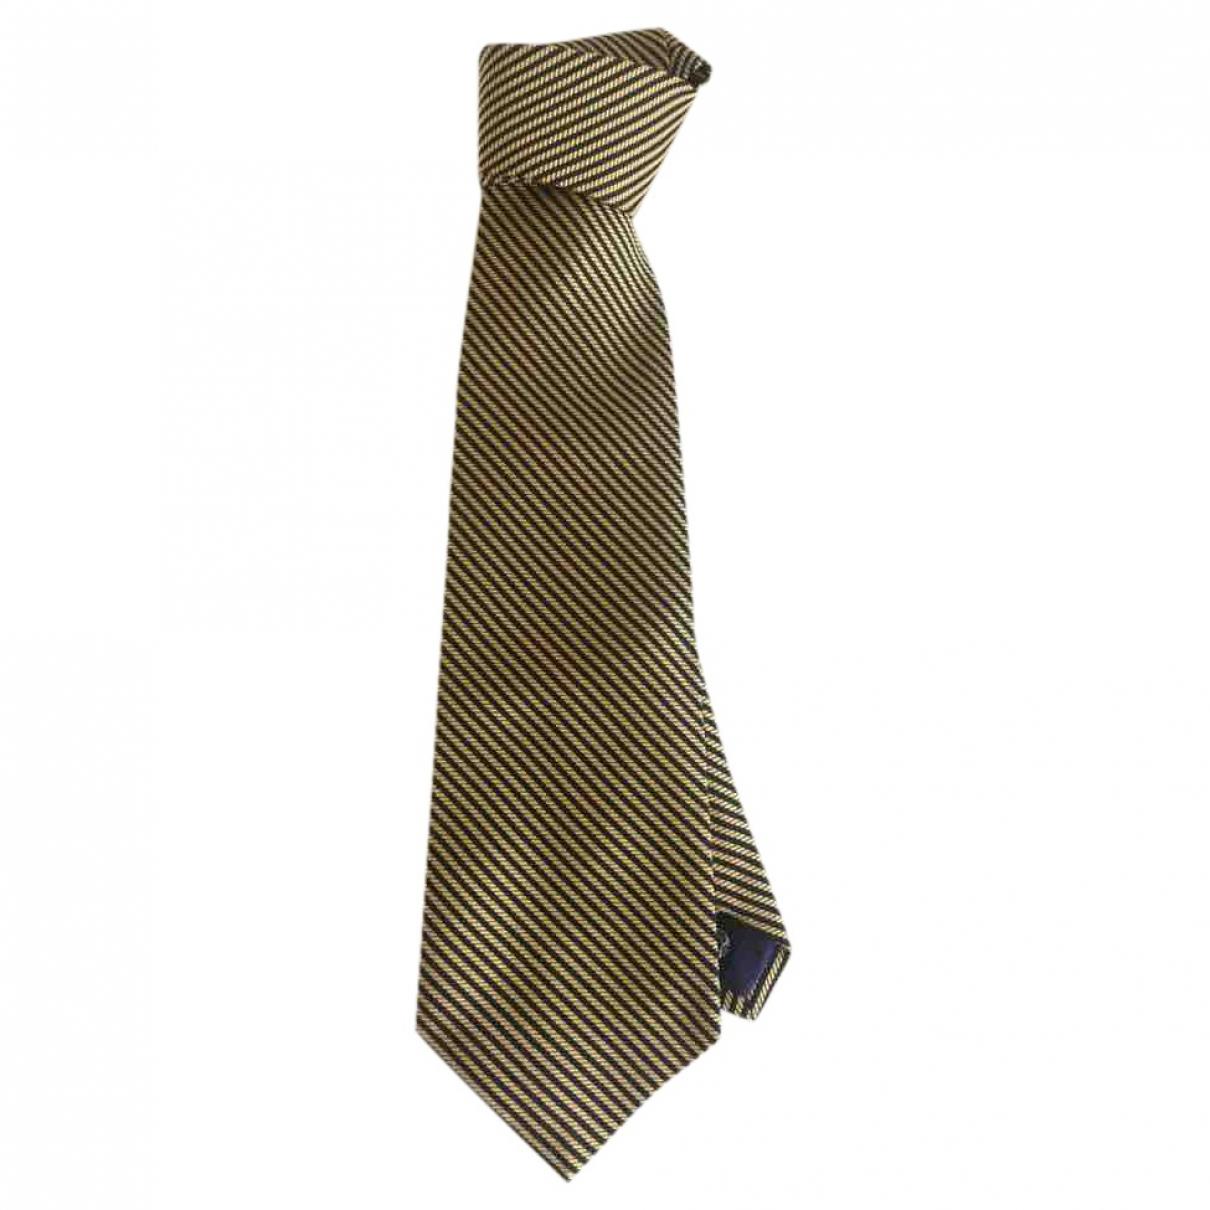 Faconnable - Cravates   pour homme en soie - jaune